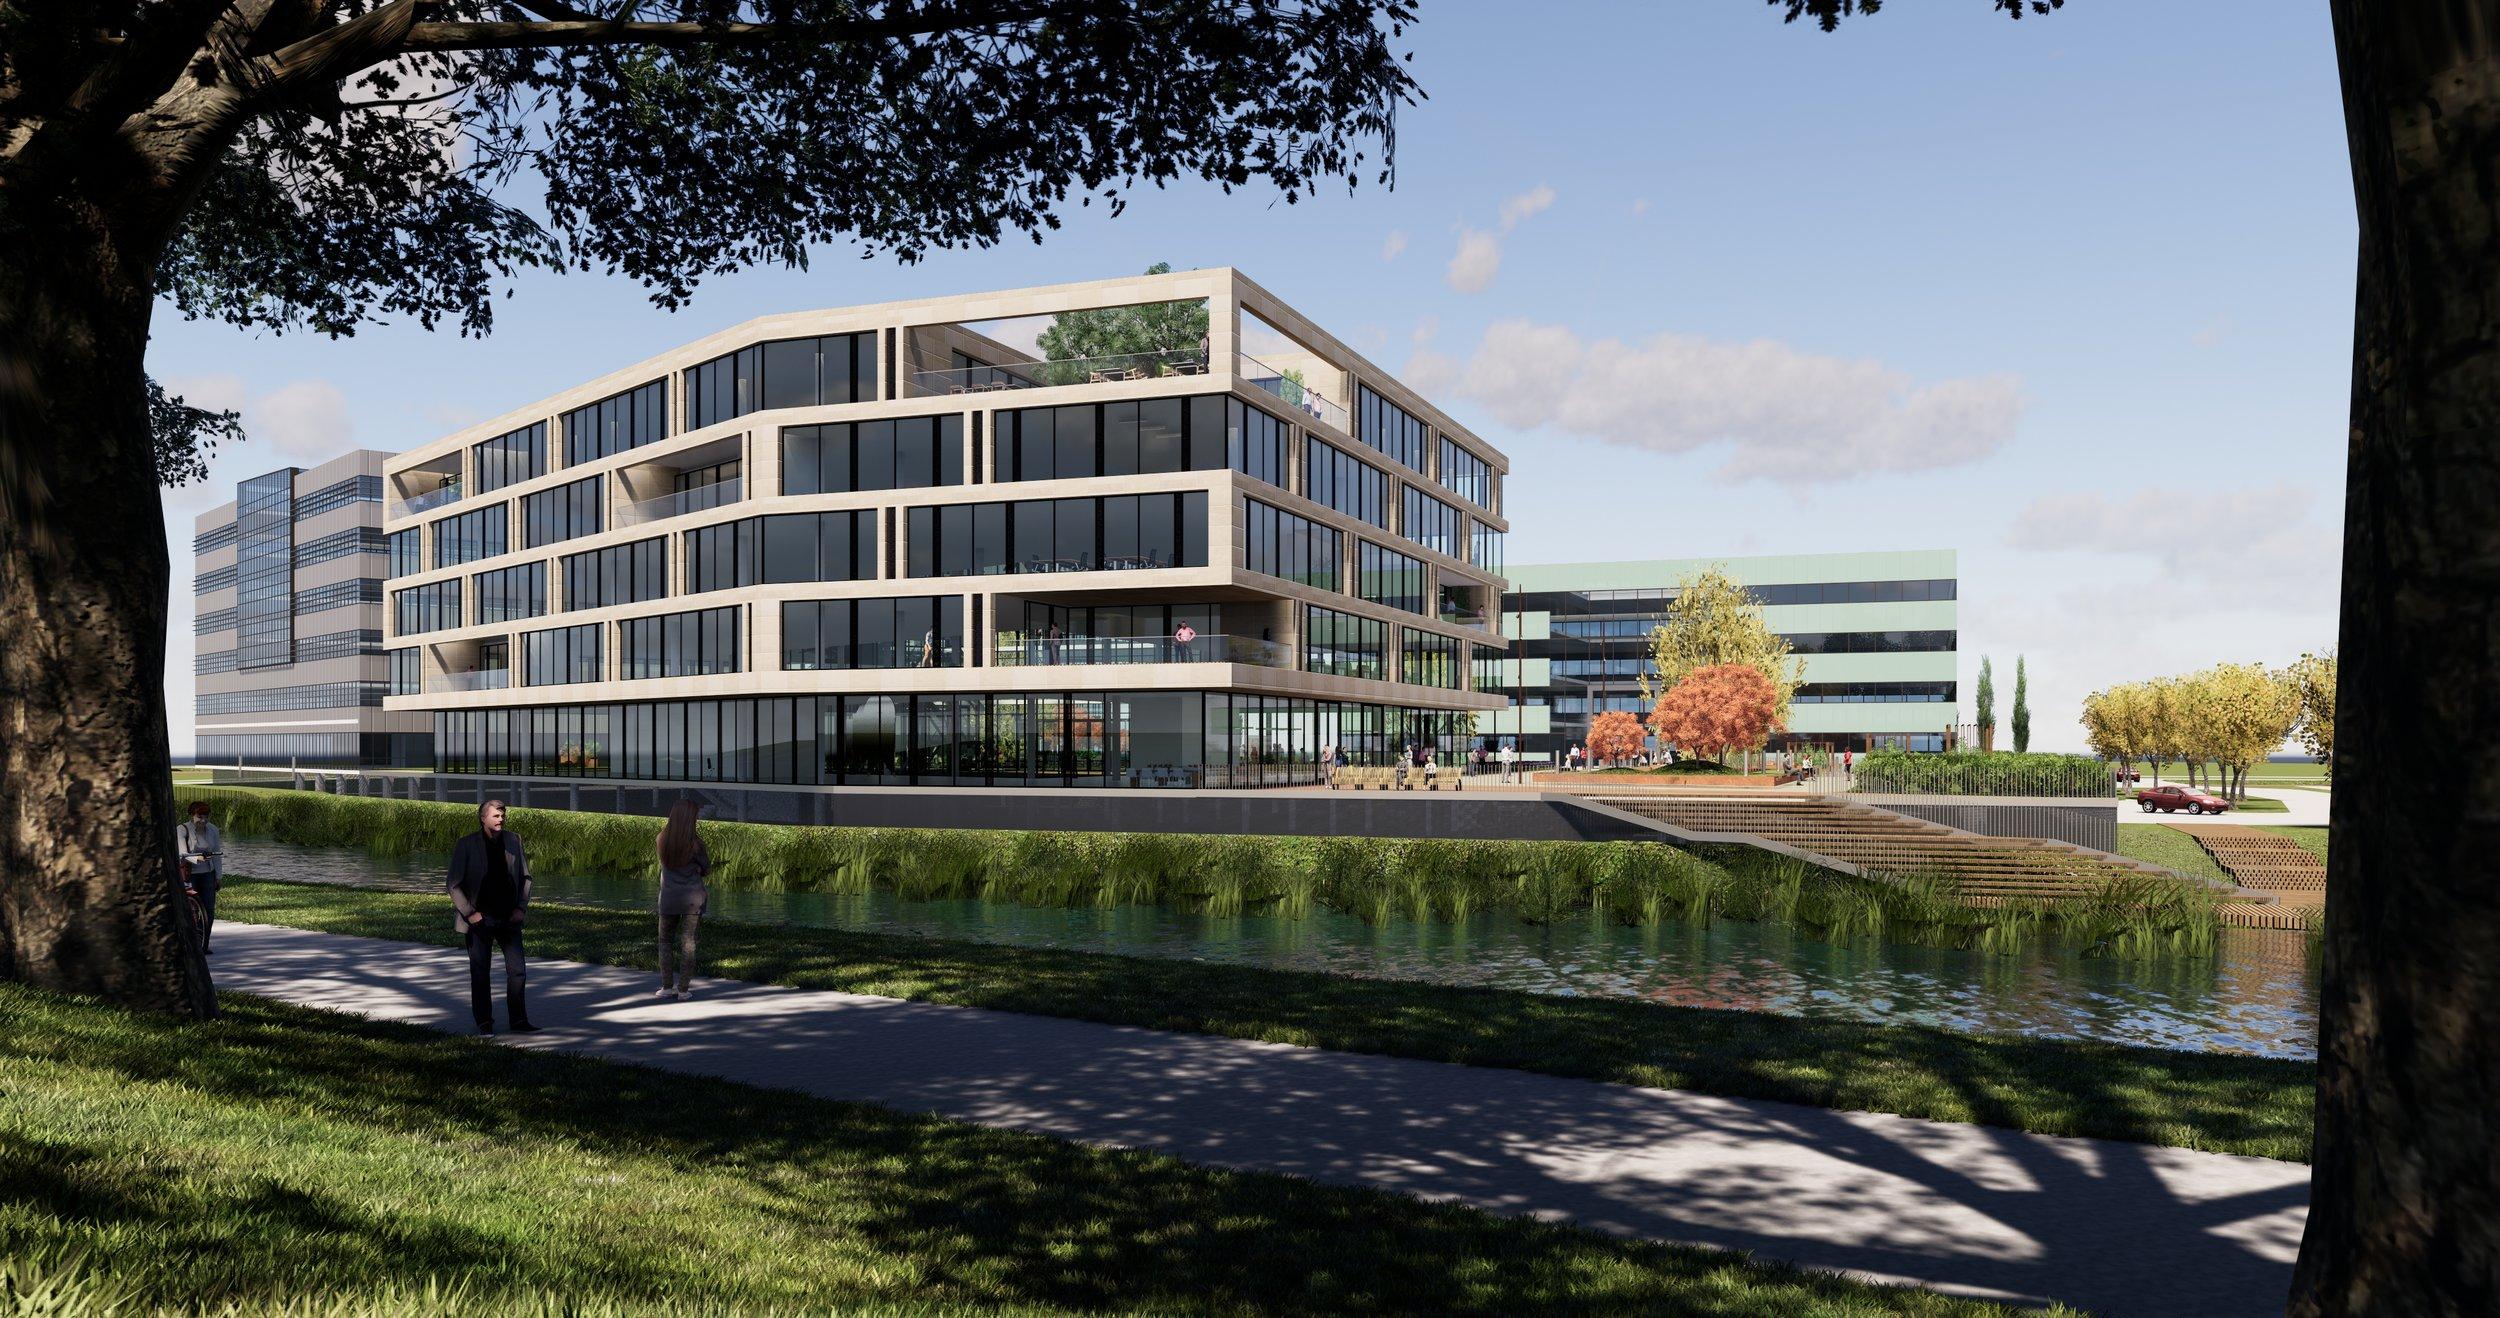 BFAS_A136_architectuur_kantoor_Hoofddorp 5.jpg